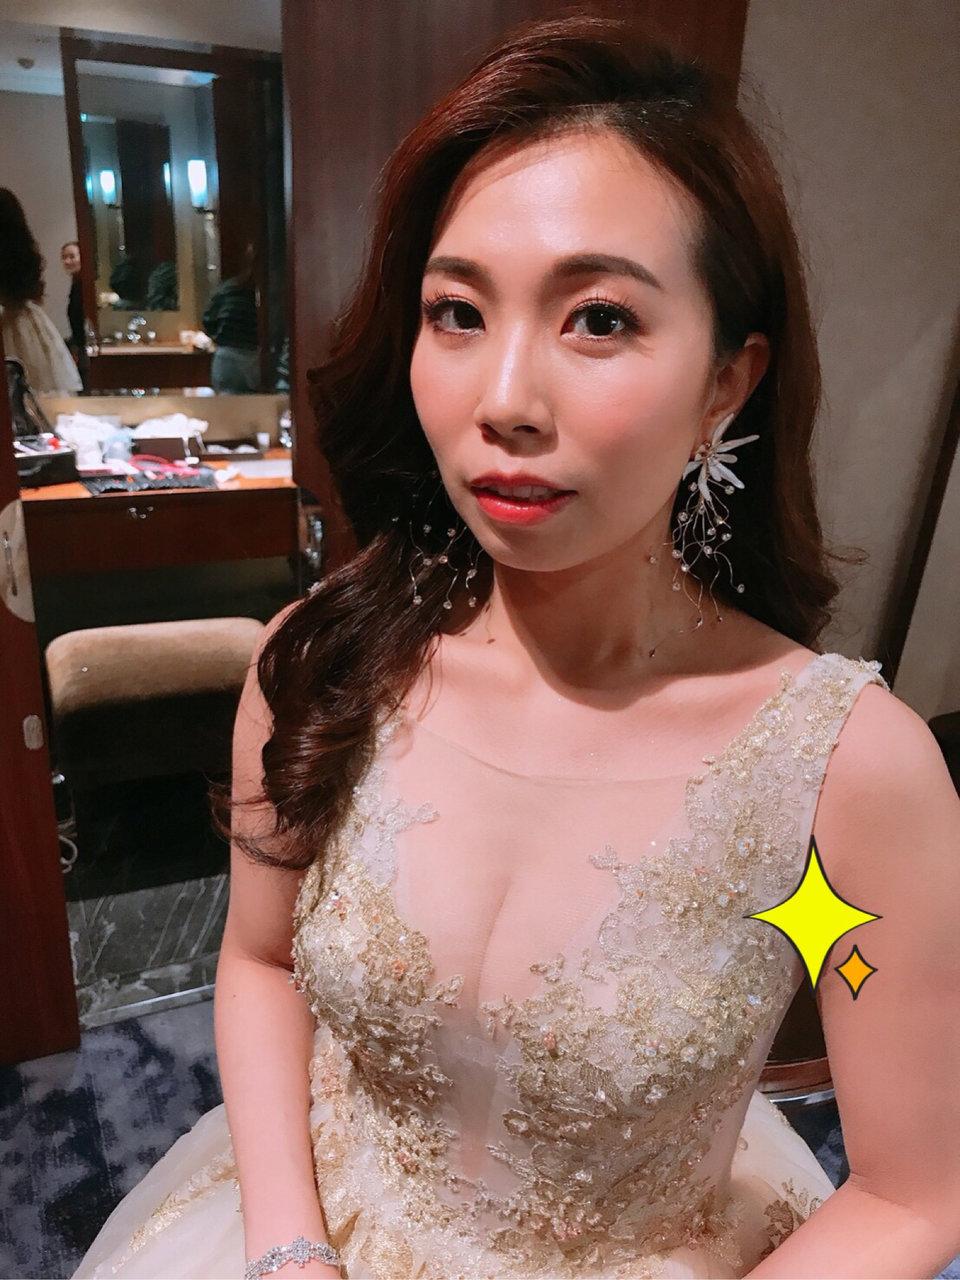 台北新秘erica lin專業新娘造型師,新娘秘書Erica除了化妝技術超強,而且認真負責,家人朋友都稱讚有加!